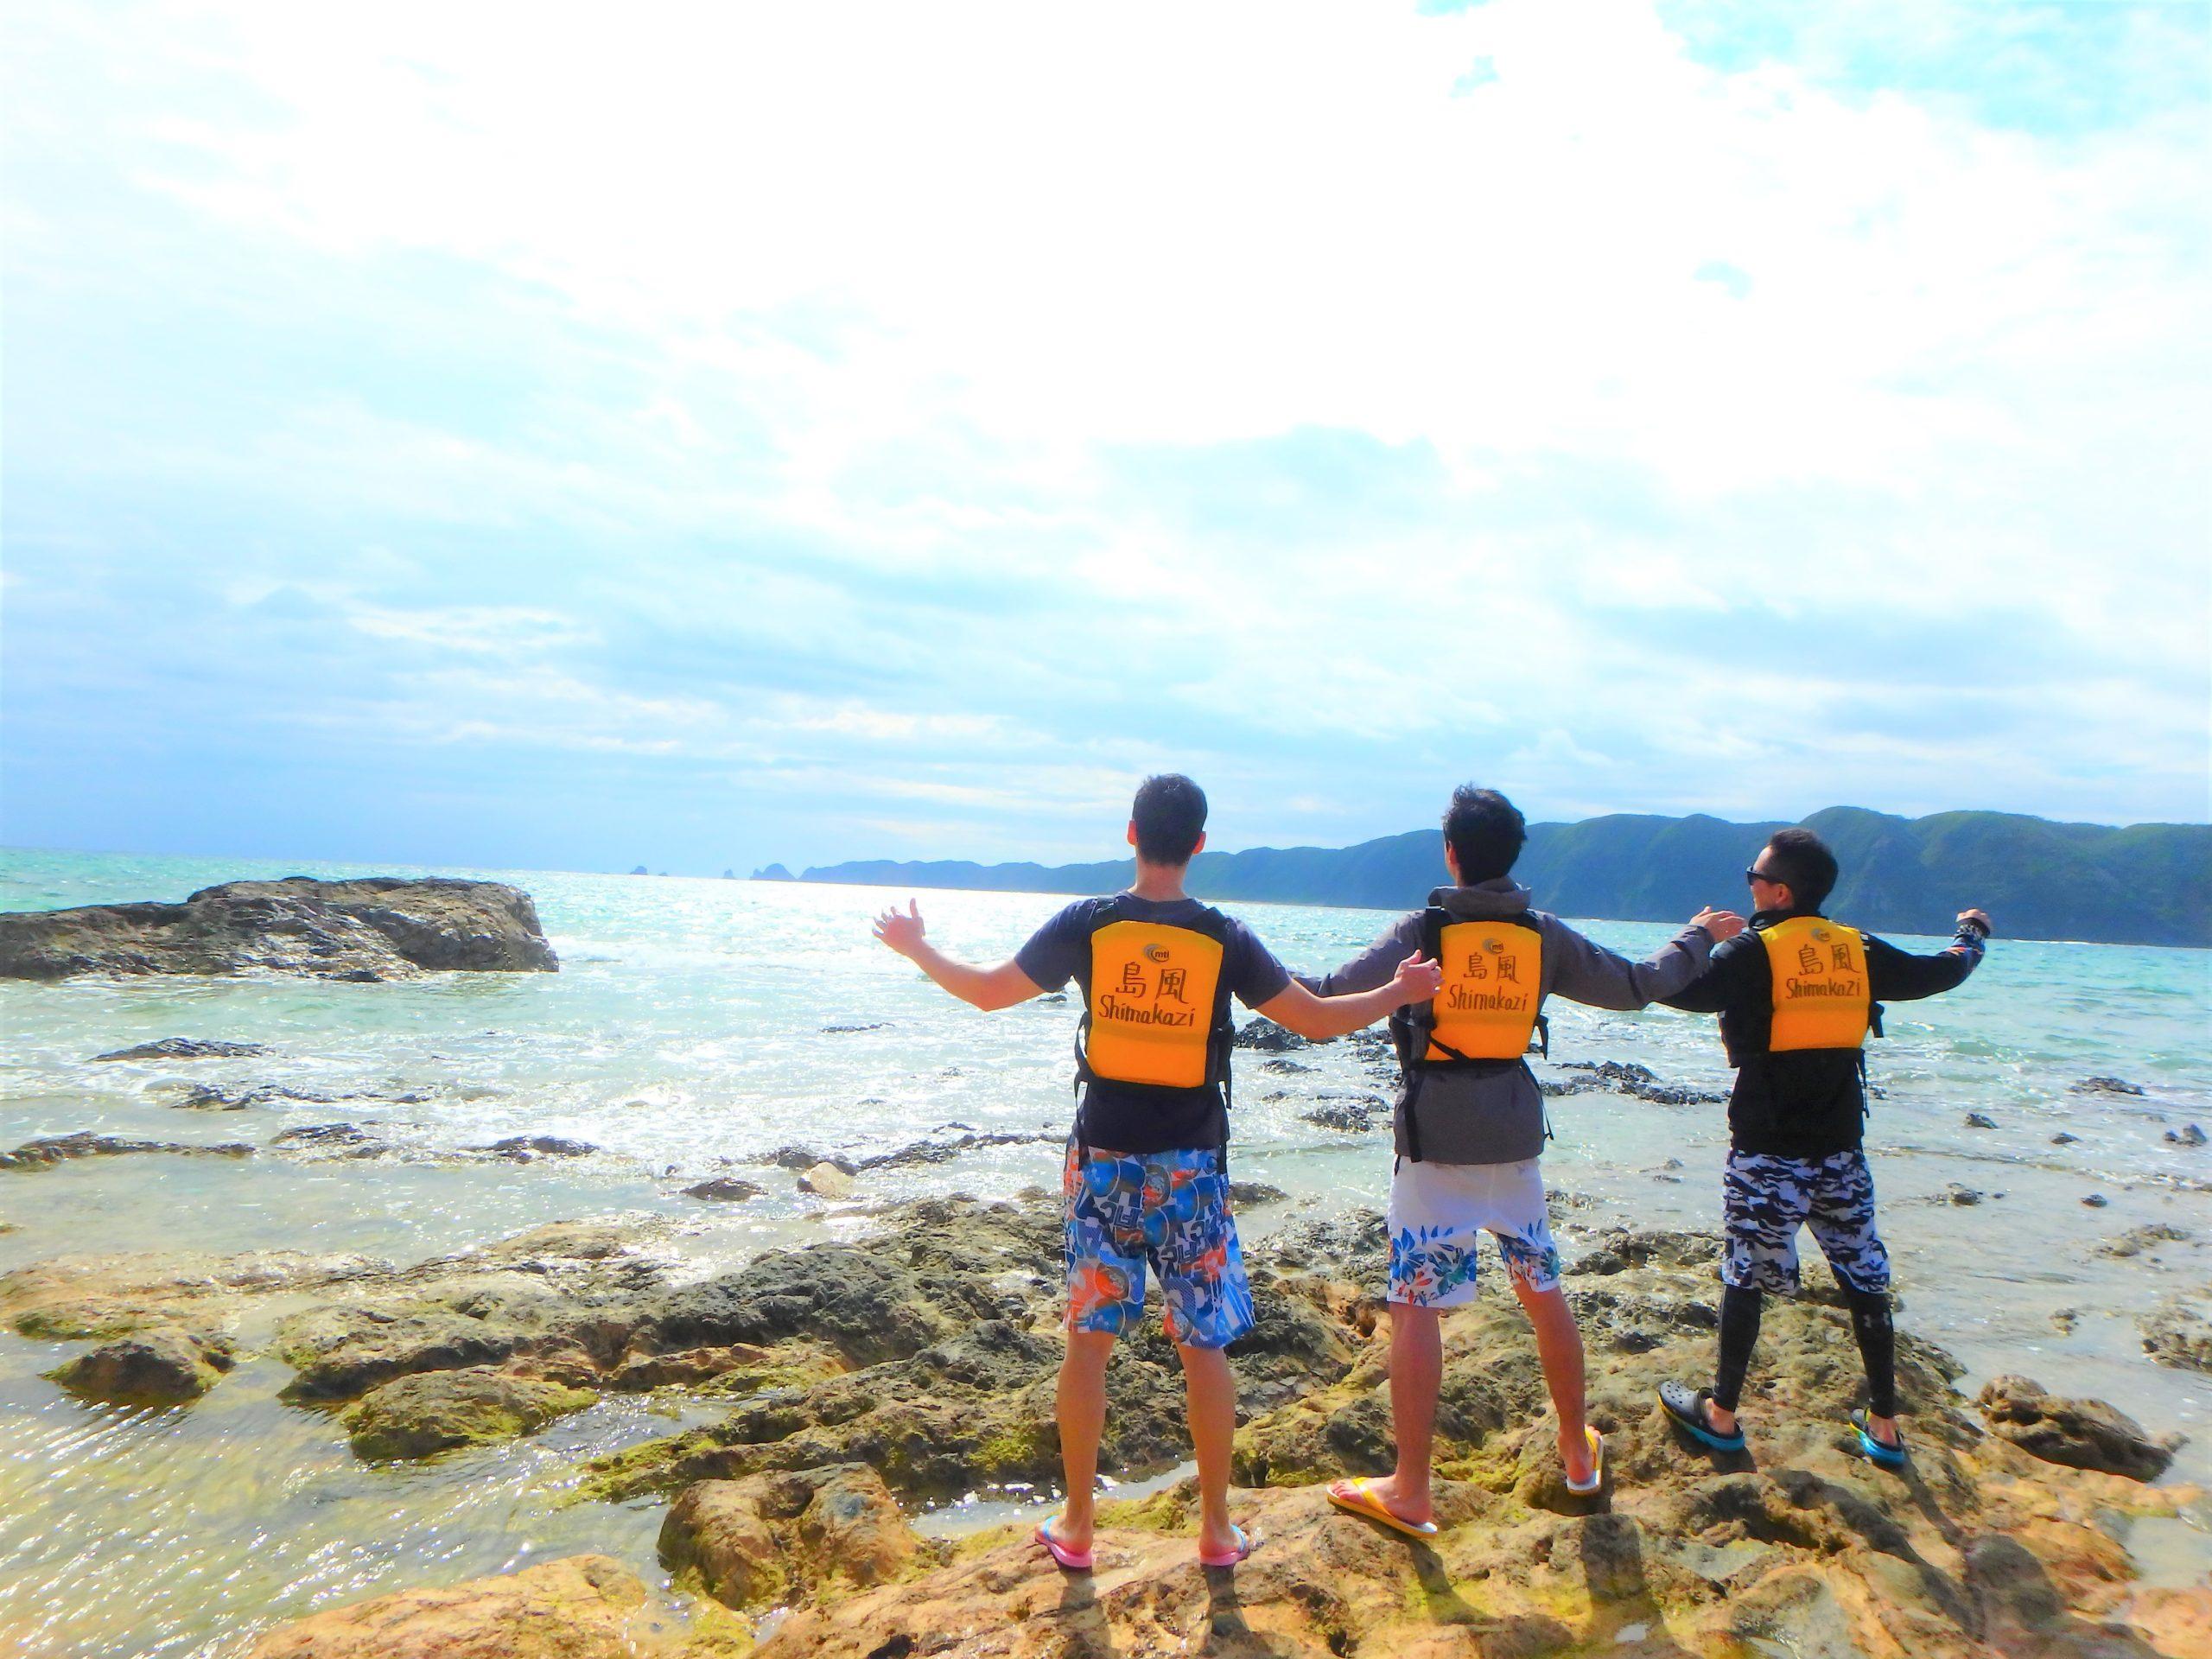 沖縄で自然体験、団体旅行なら島風